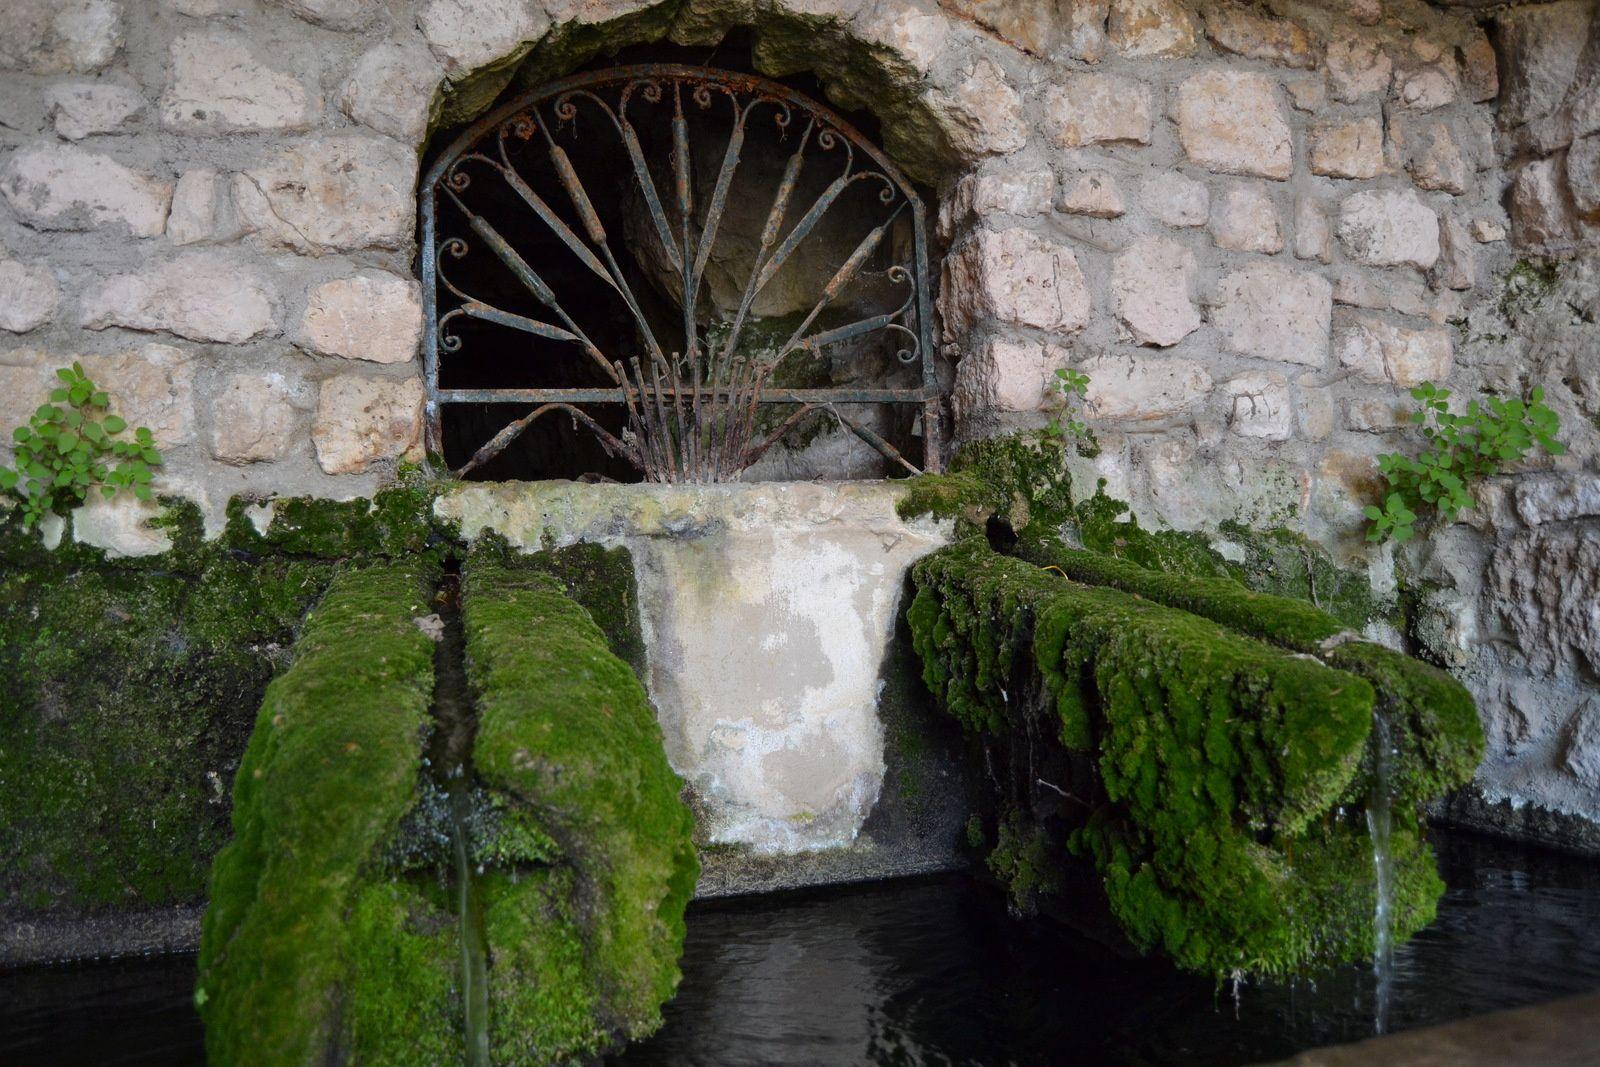 Plus de trente ans que j'habite la région est c'est seulement cette année que je m'arrête pour admirer cette fontaine située à 5 minutes de voiture de chez moi, à La Garde-Adhémar.